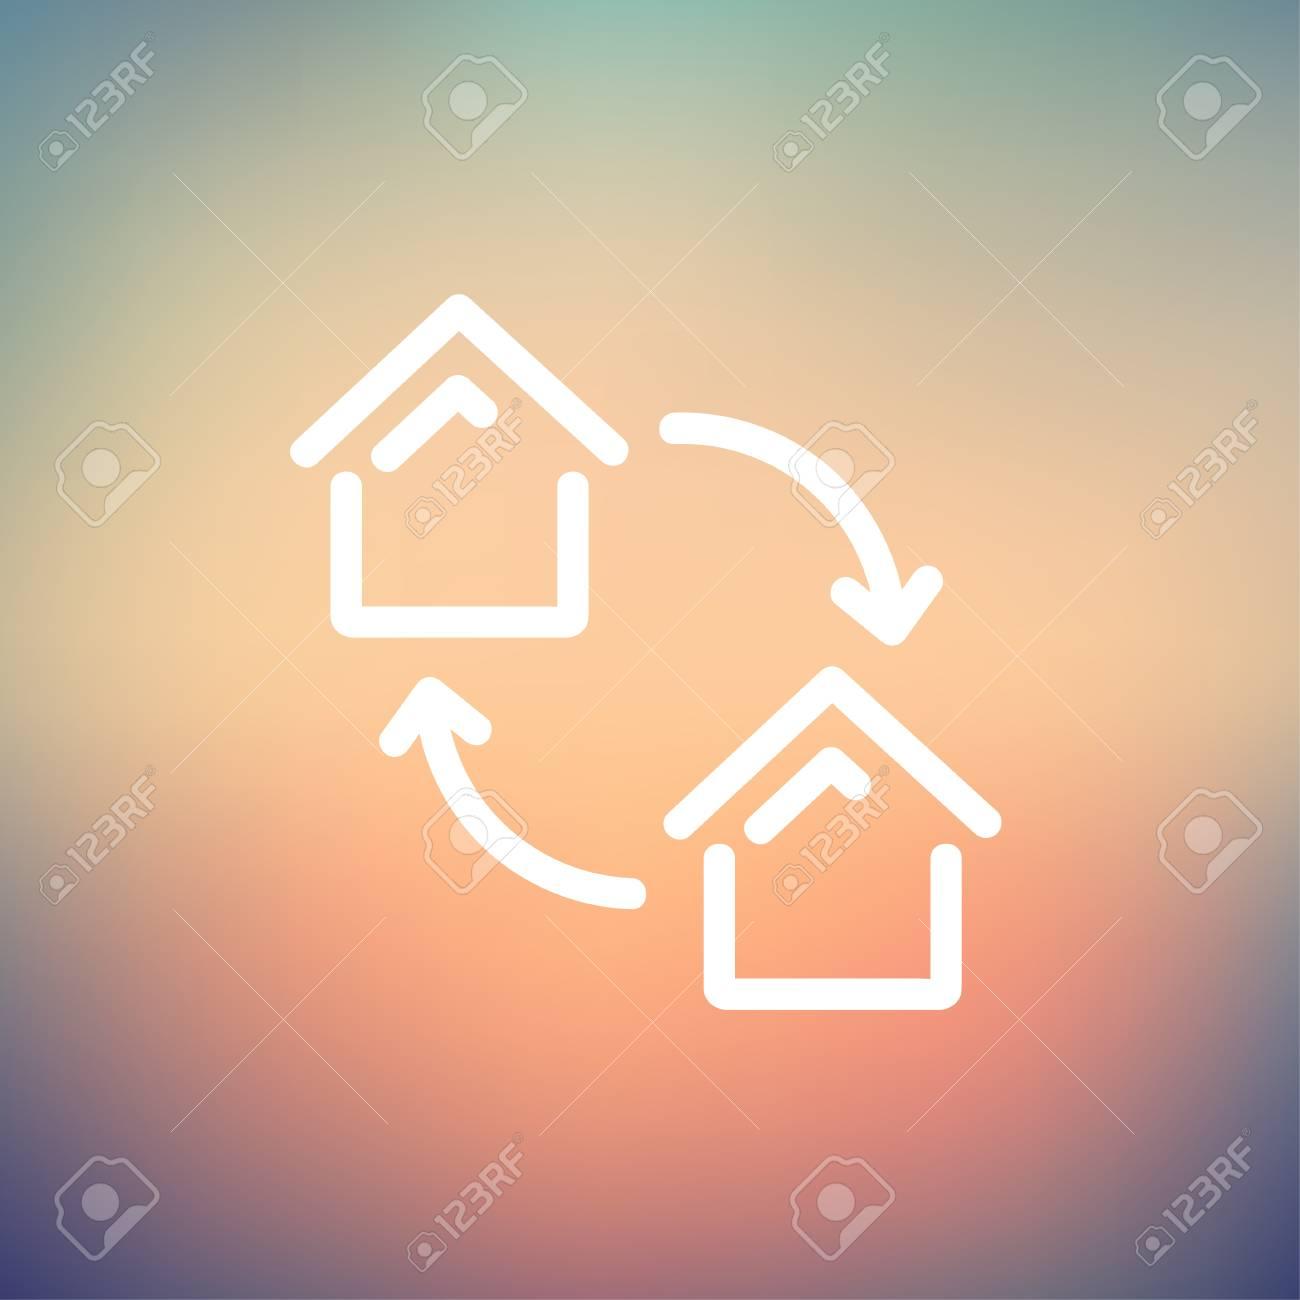 Zwei Kleine Hauser Symbol Dunne Linie Fur Web Und Mobile Modern